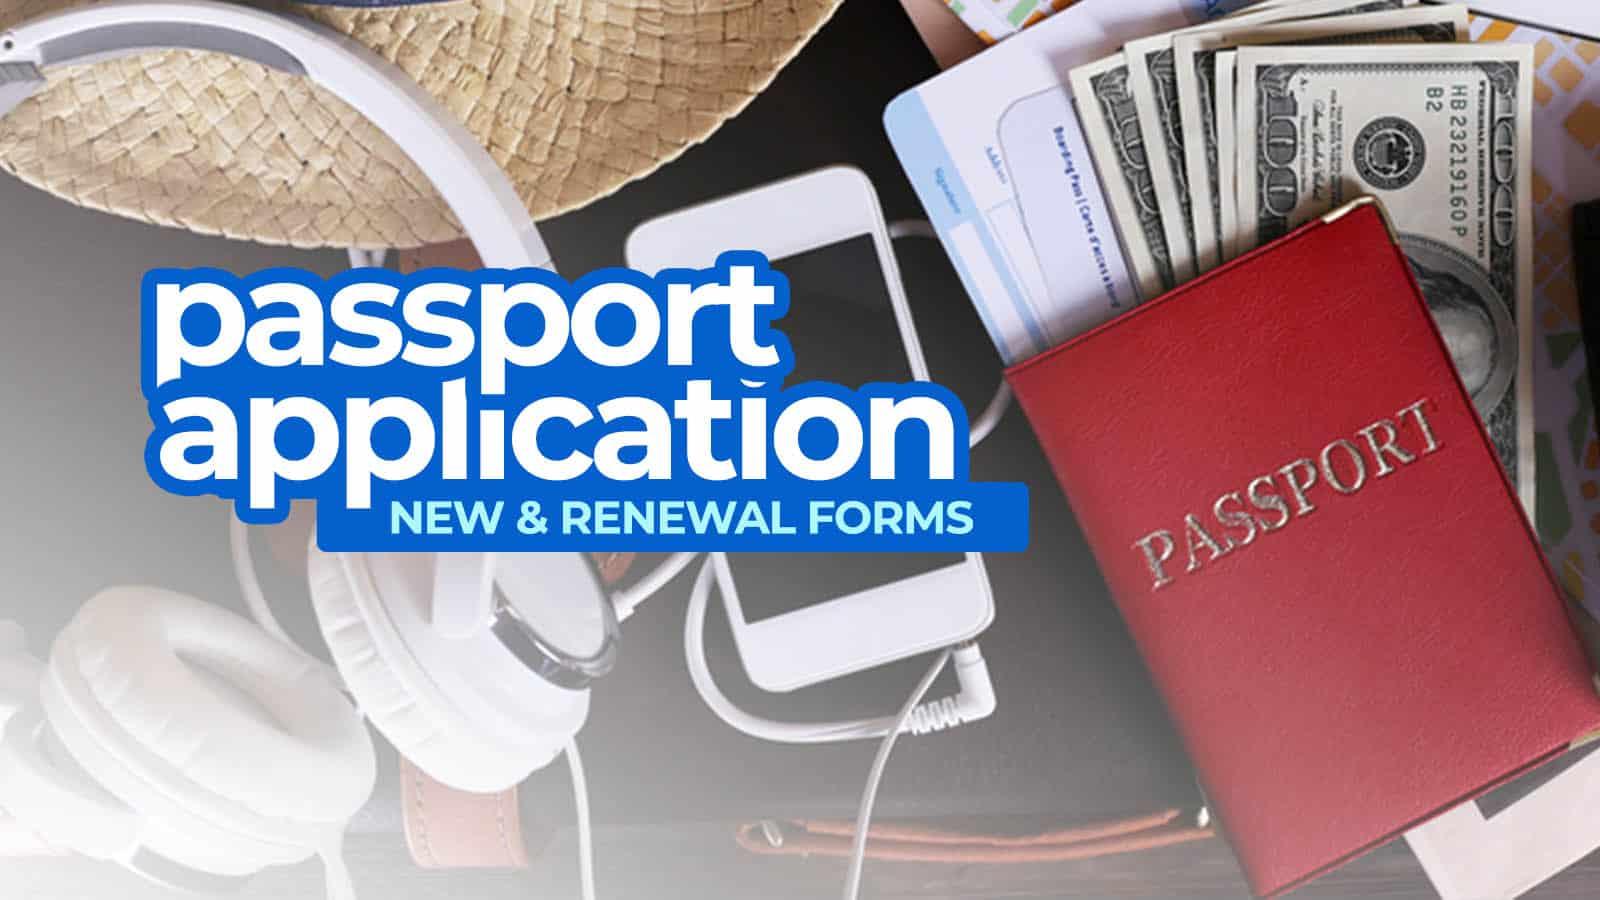 菲律宾的护照申请表格。新的和更新的护照   穷游者的行程安排博客